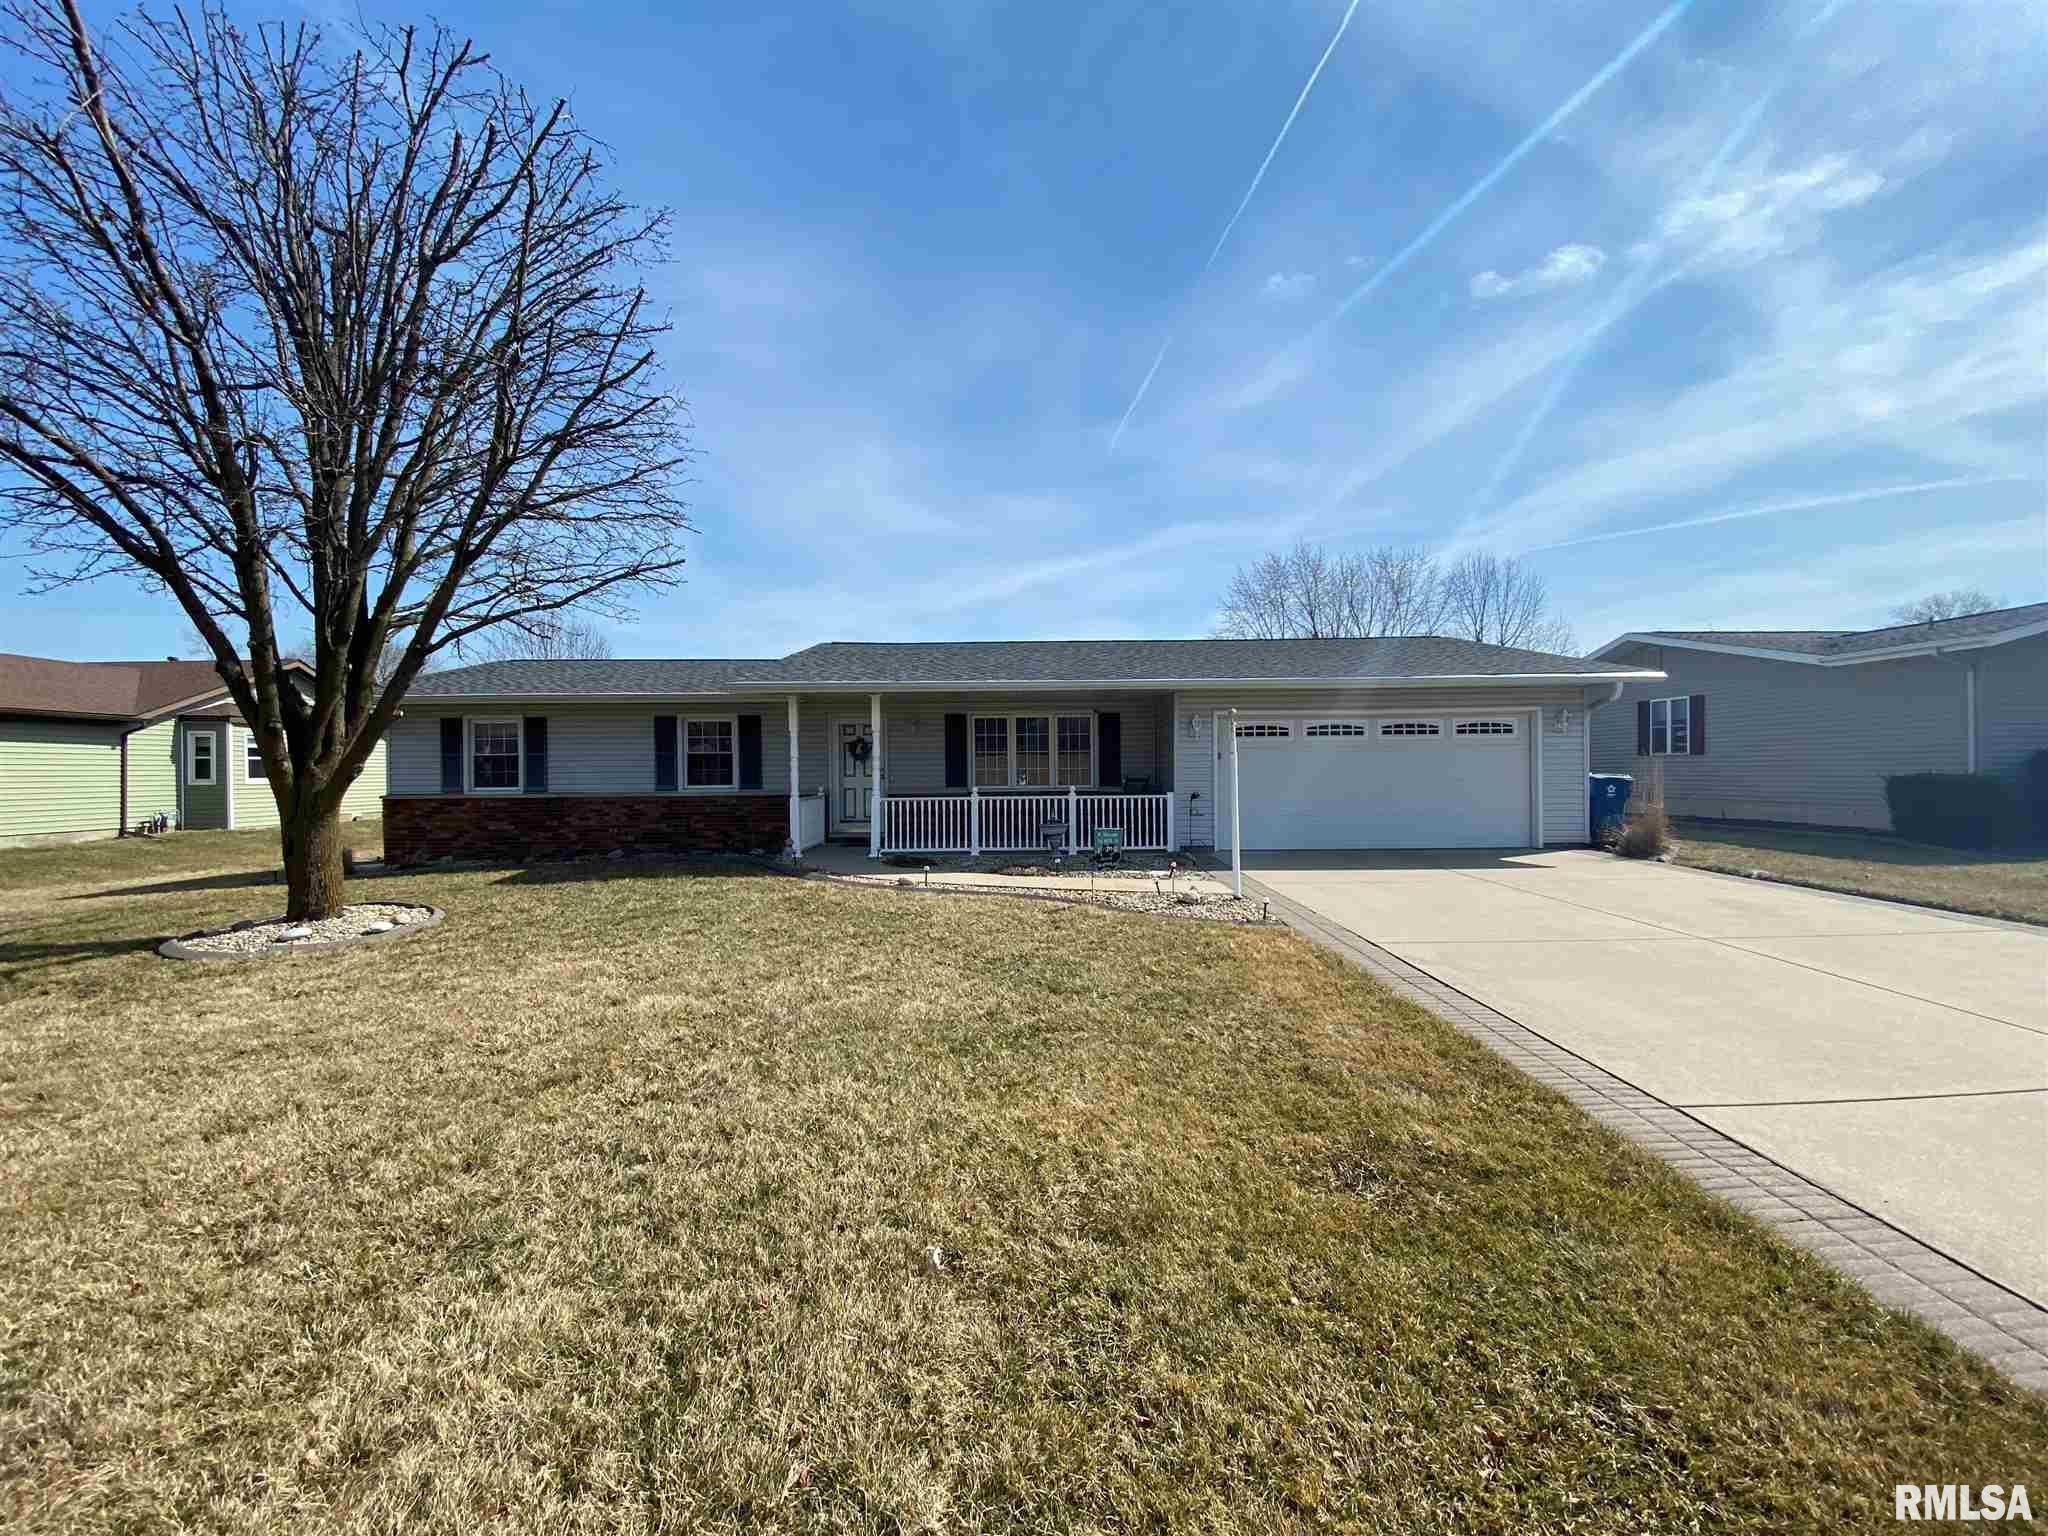 70 PINE Property Photo - Sherman, IL real estate listing